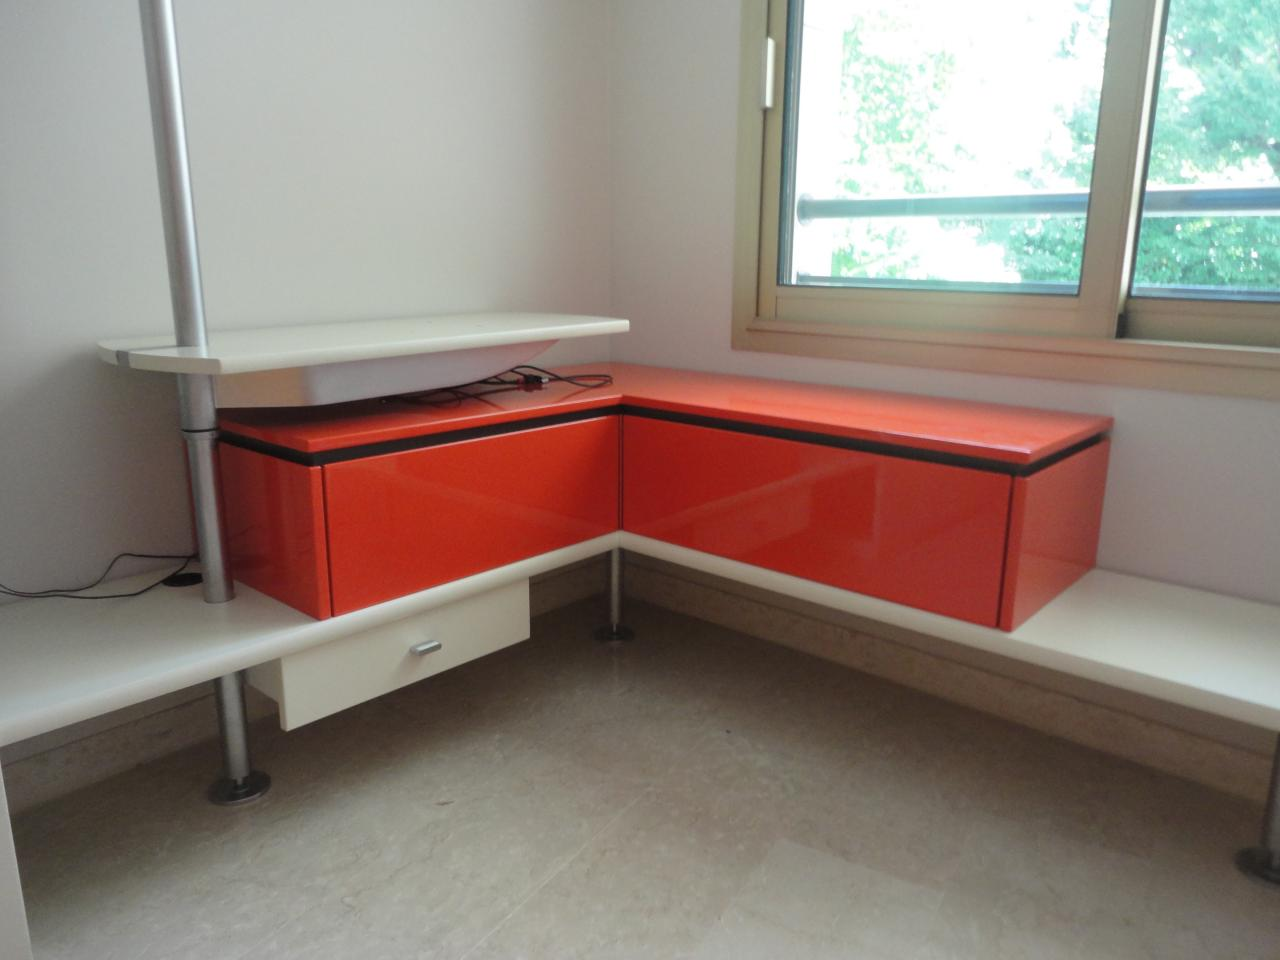 Meuble salon sur mesure fabriqué dans notre atelier.